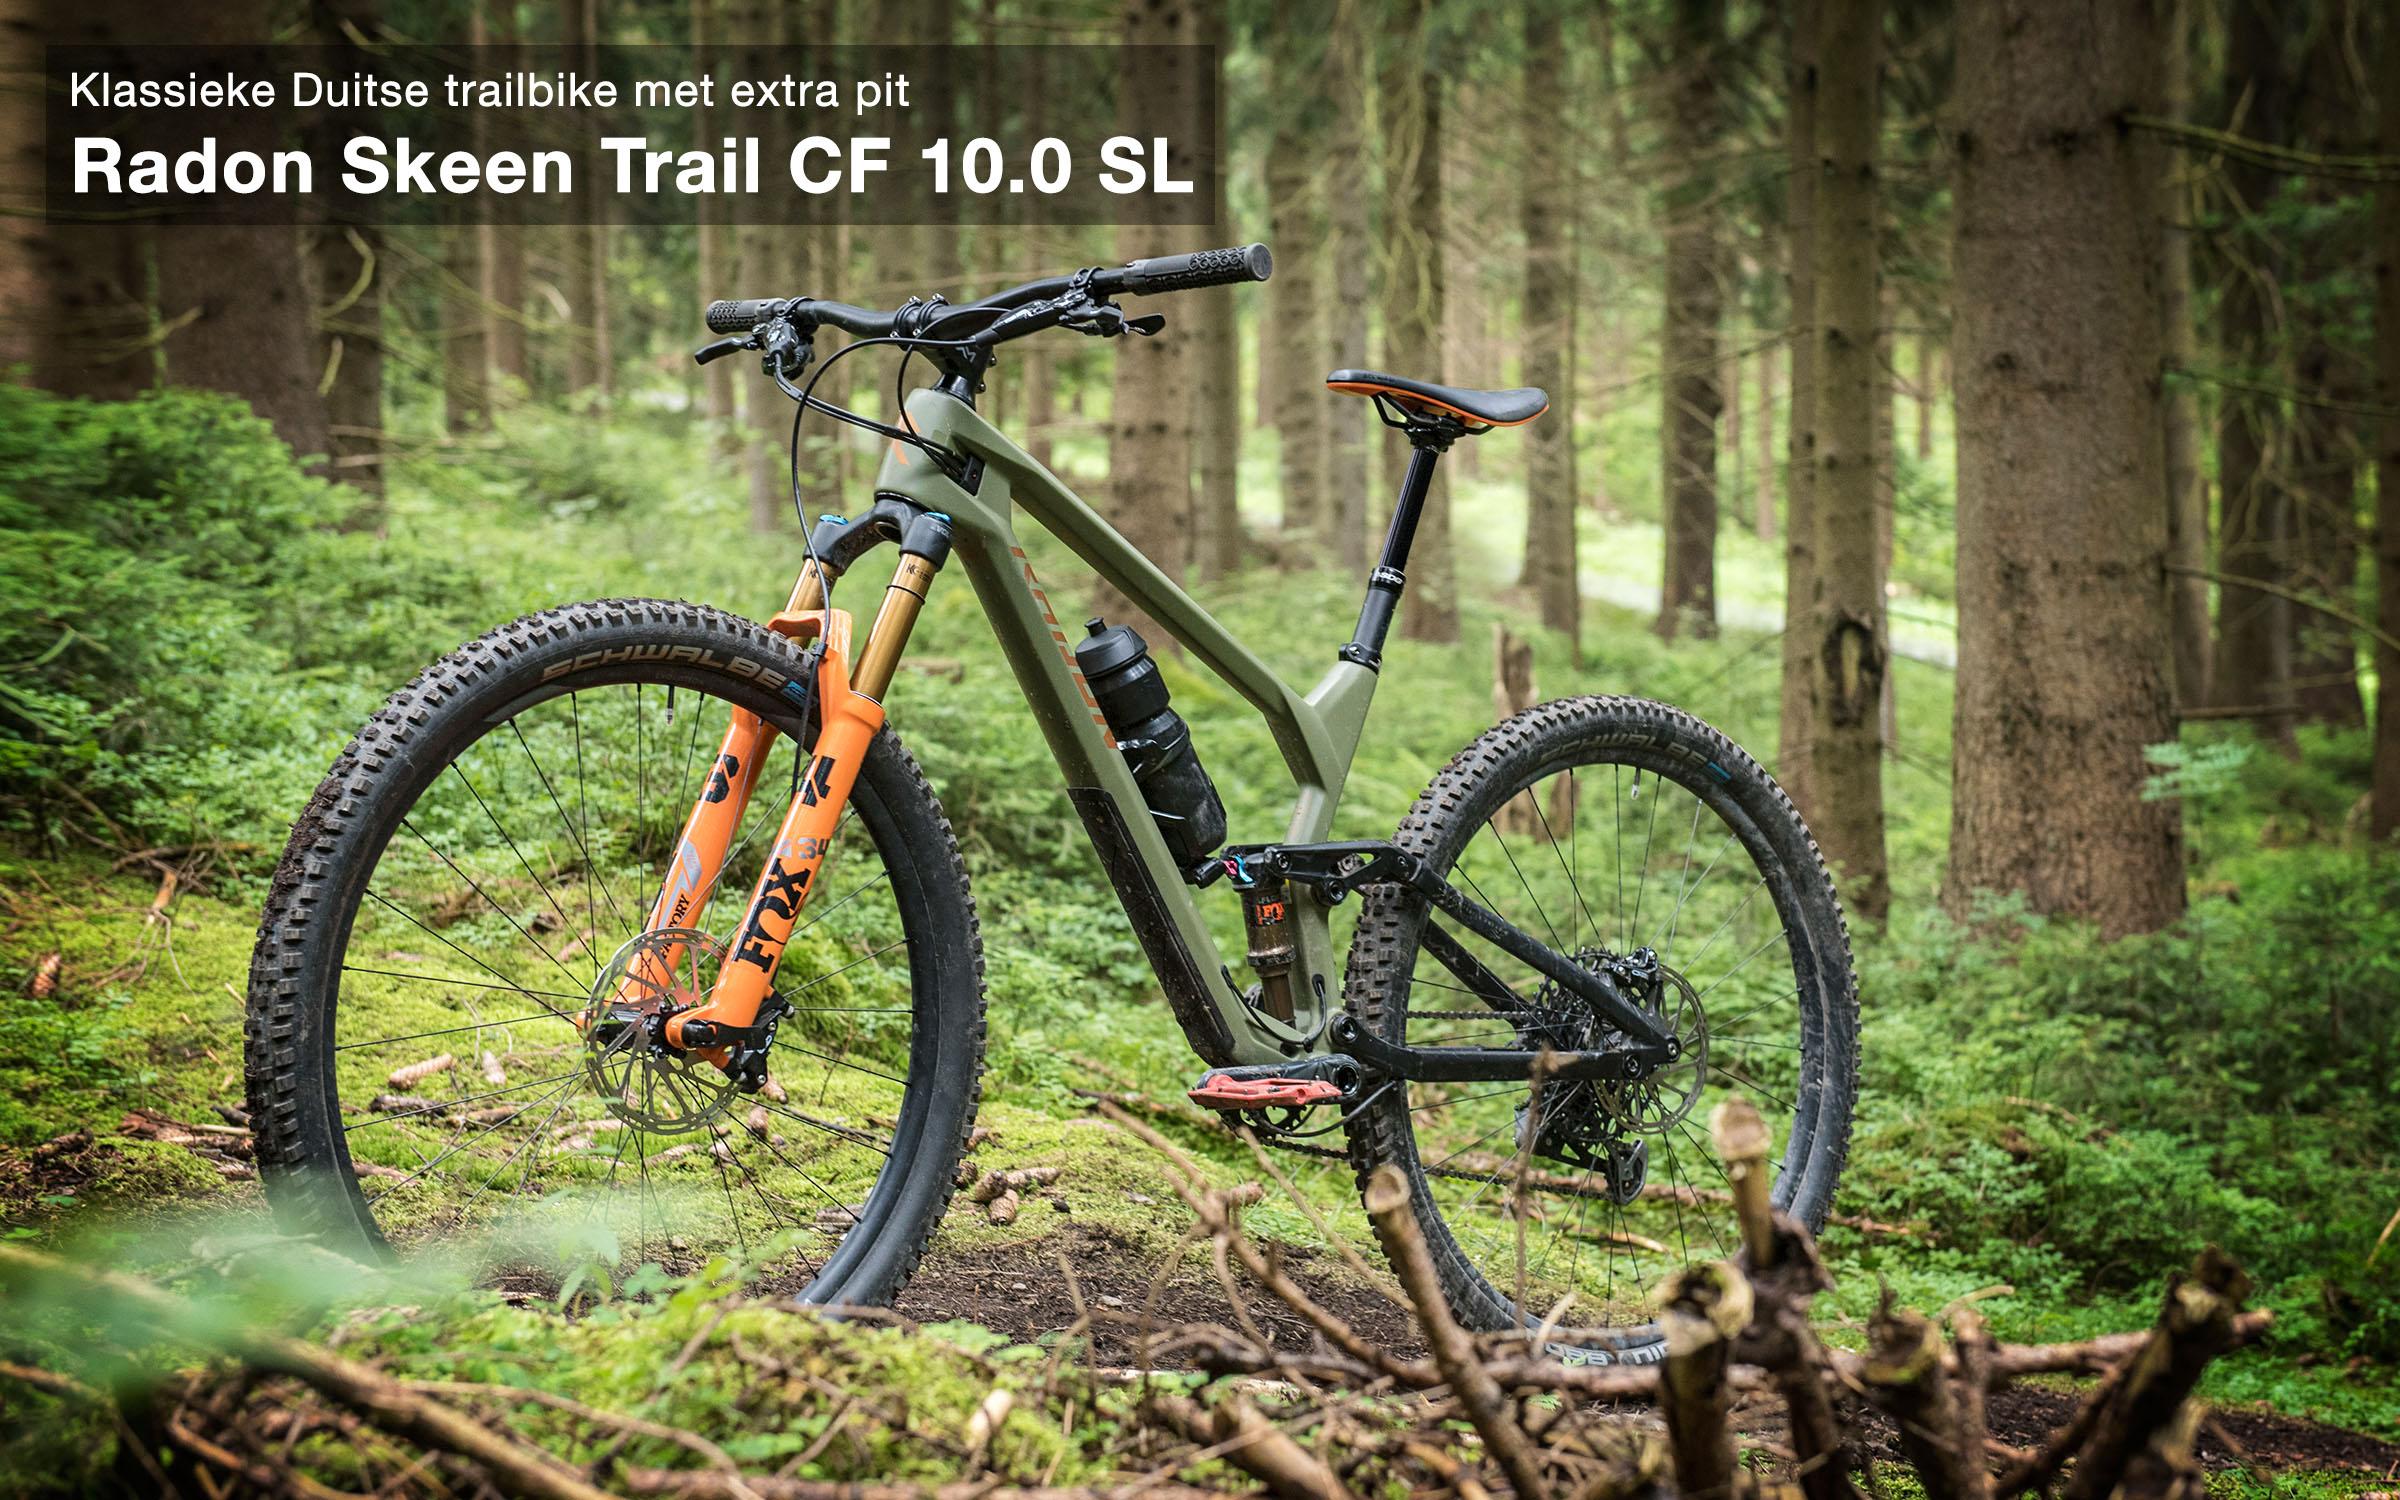 Radon Skeen Trail CF SL 10.0